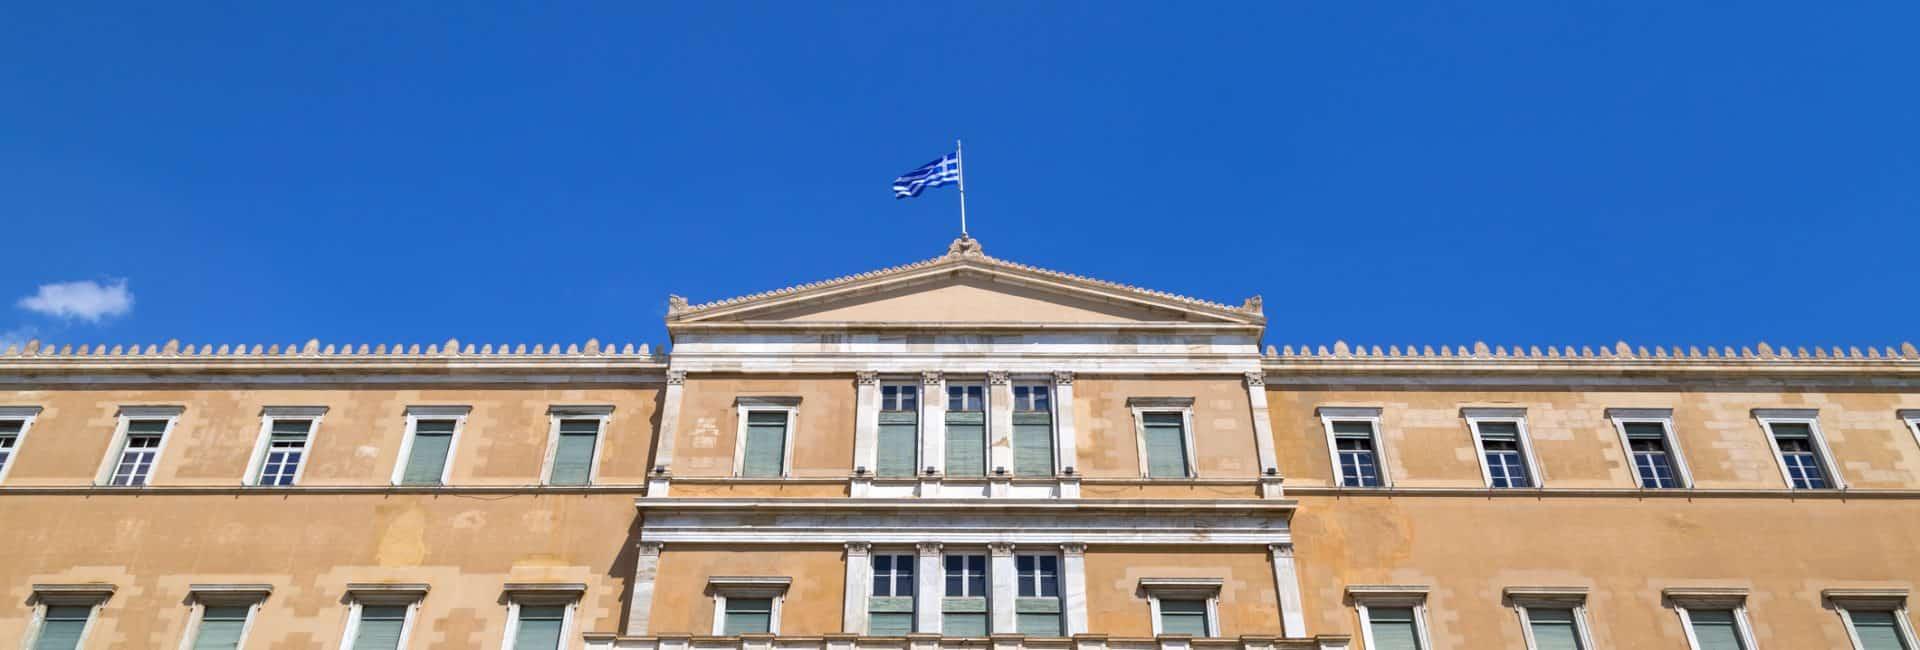 Syntagmapladsen i Grækenland